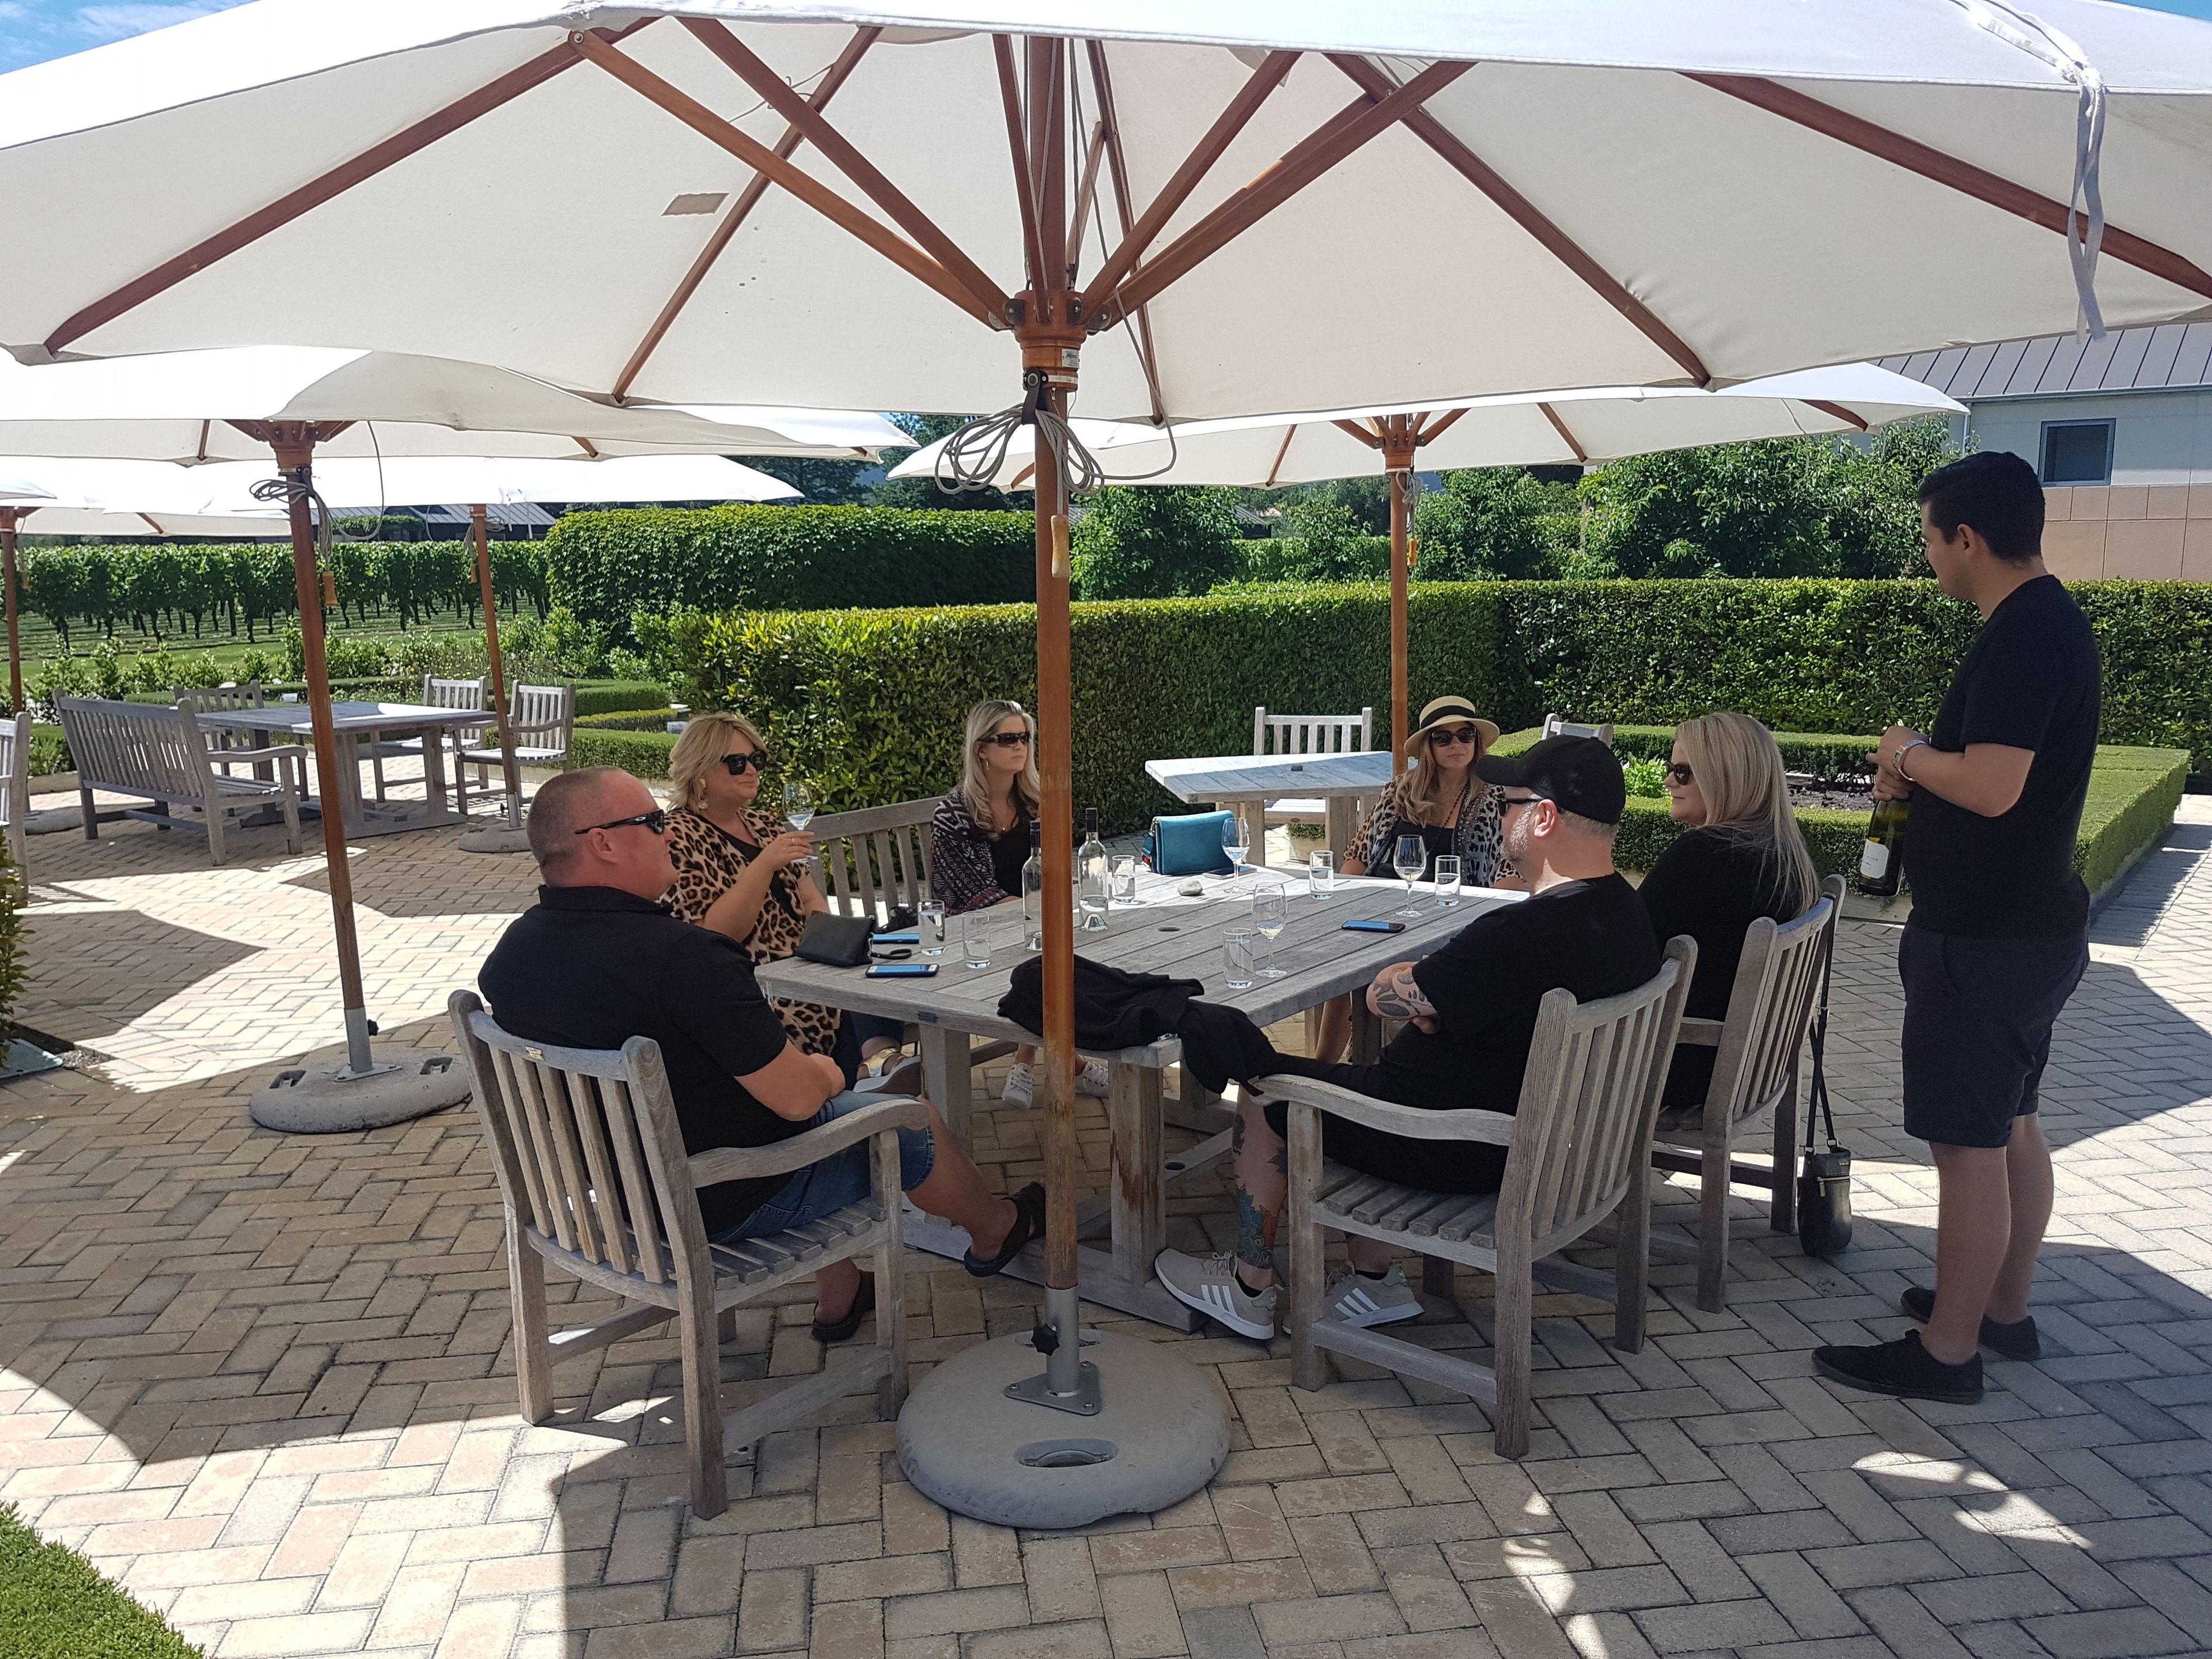 Art Deco Napier City & Wine Country - 5 Hour Private Tour